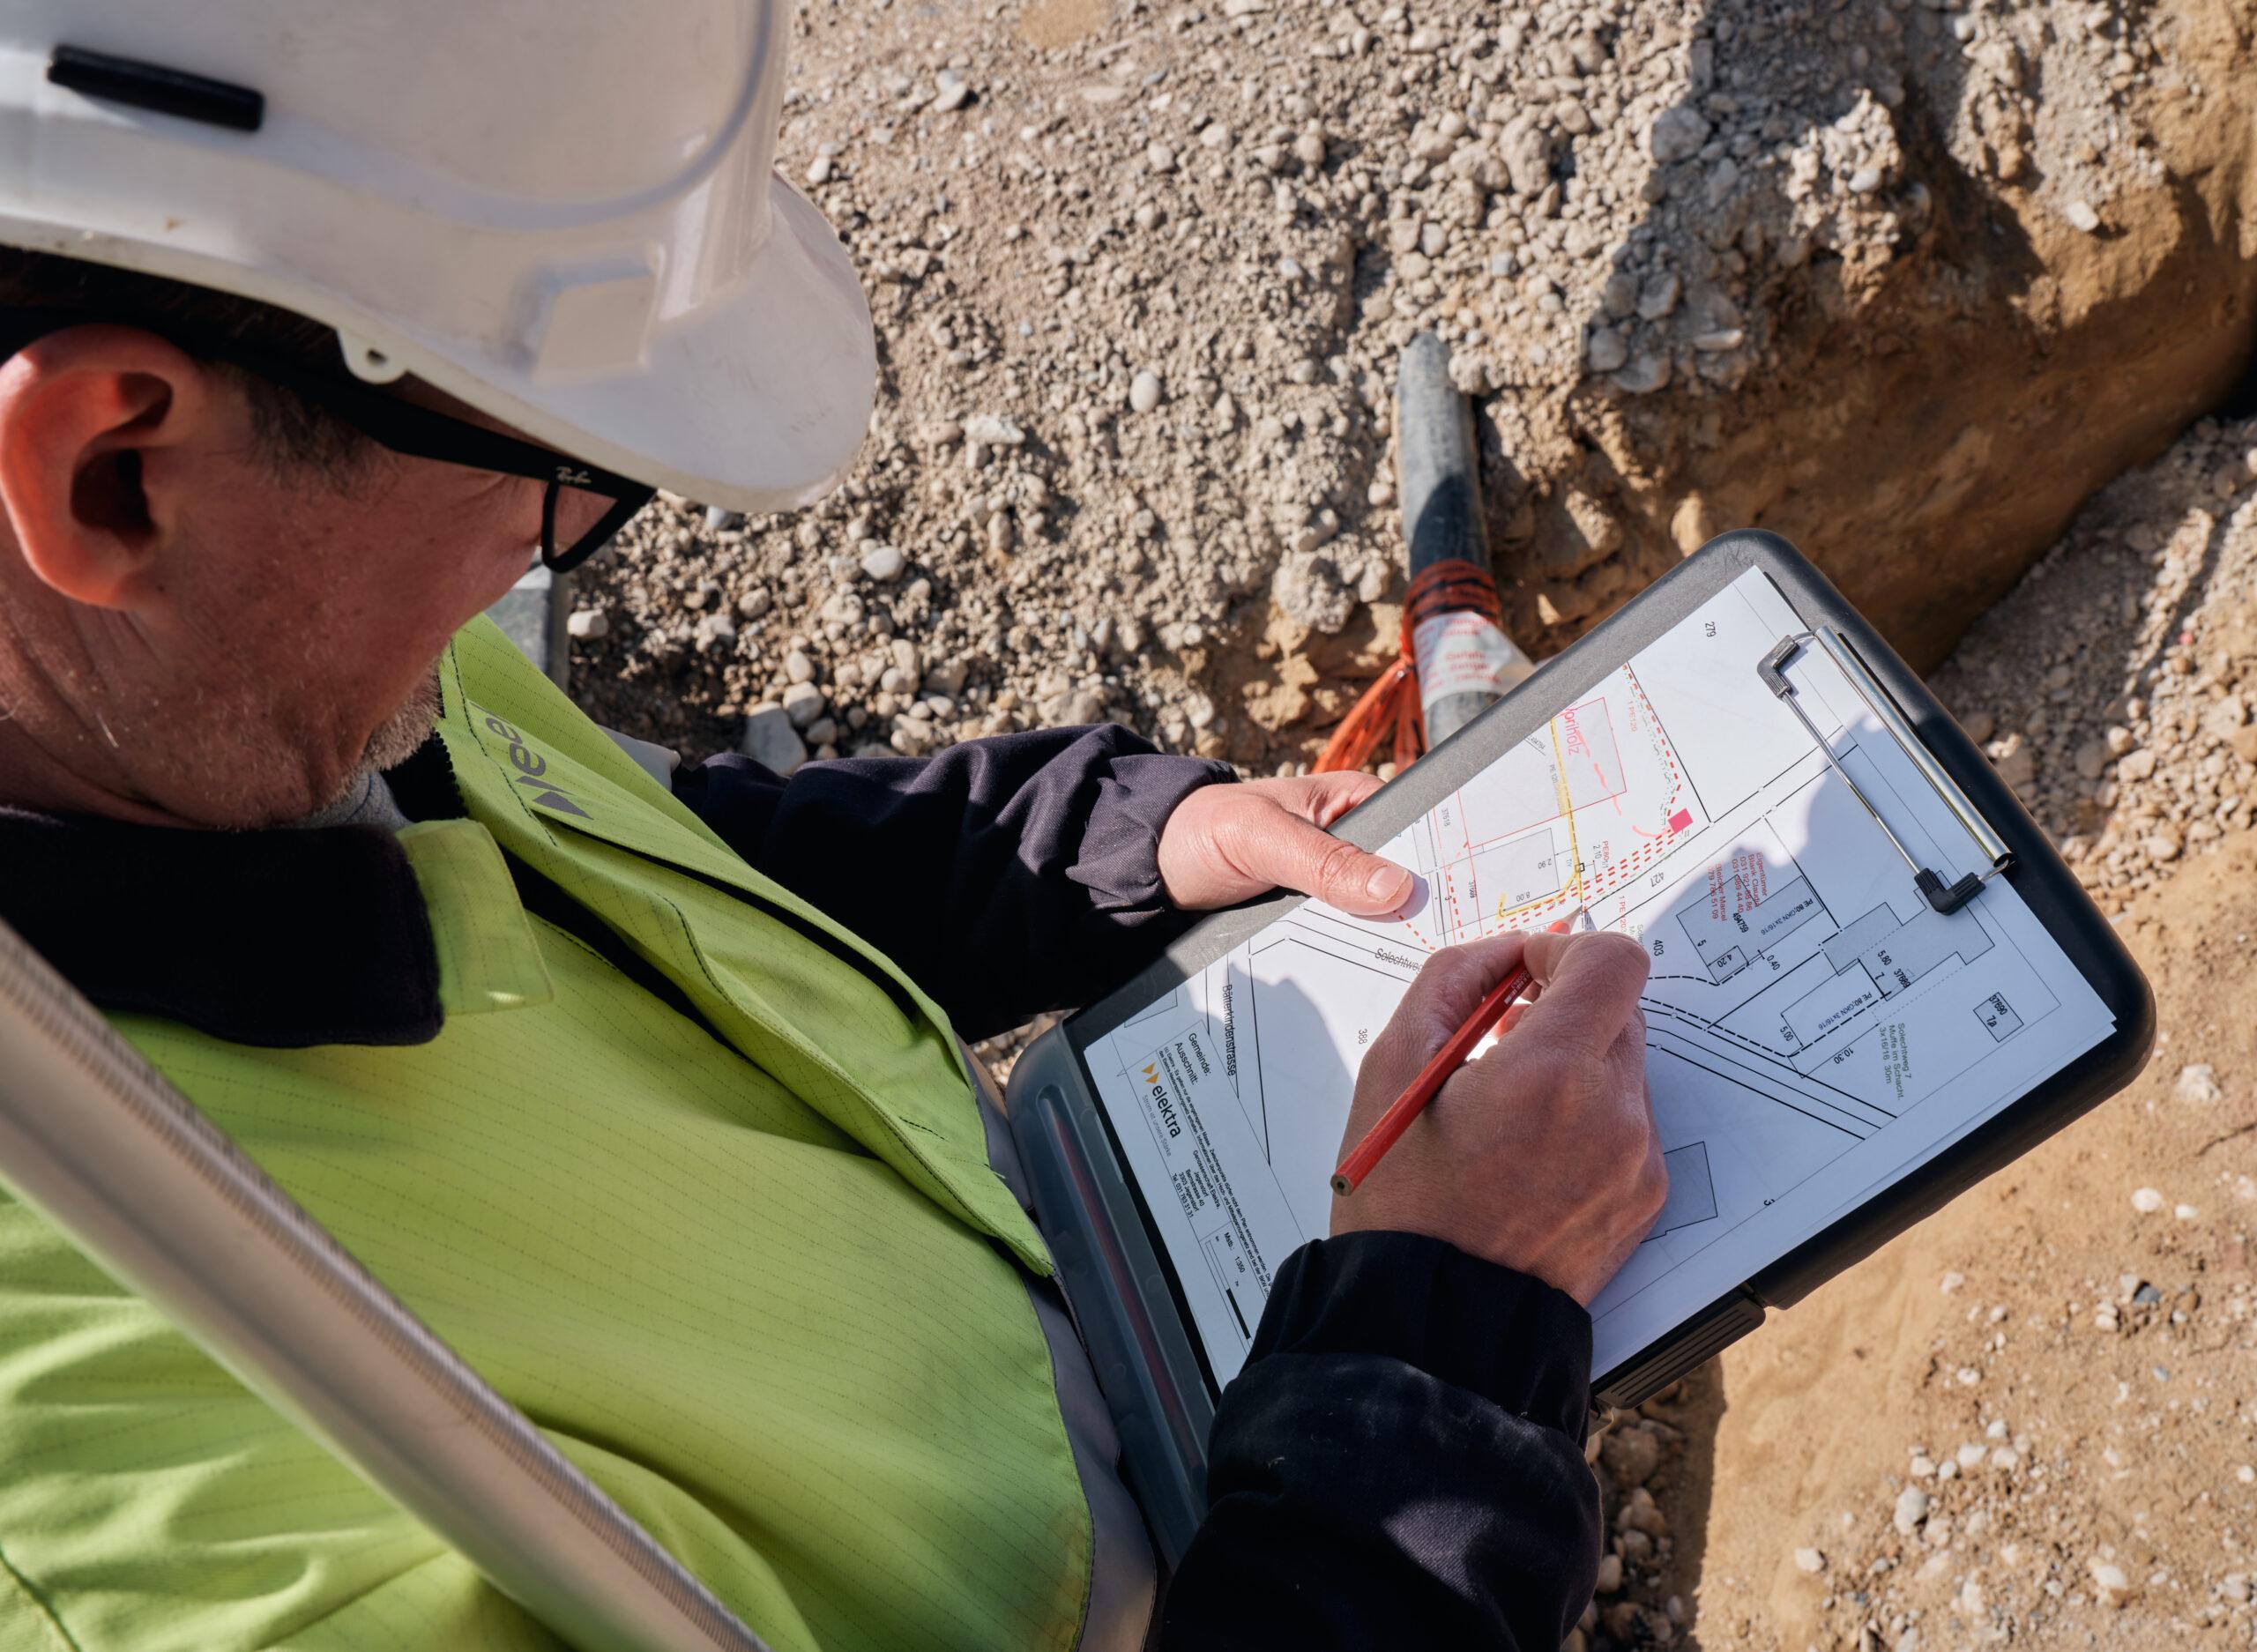 Michael Müller, Projektleiter Netze bei Elektra, ist auf der Baustelle und zeichnet eine Stromleitung auf einem Katasterplan ein.